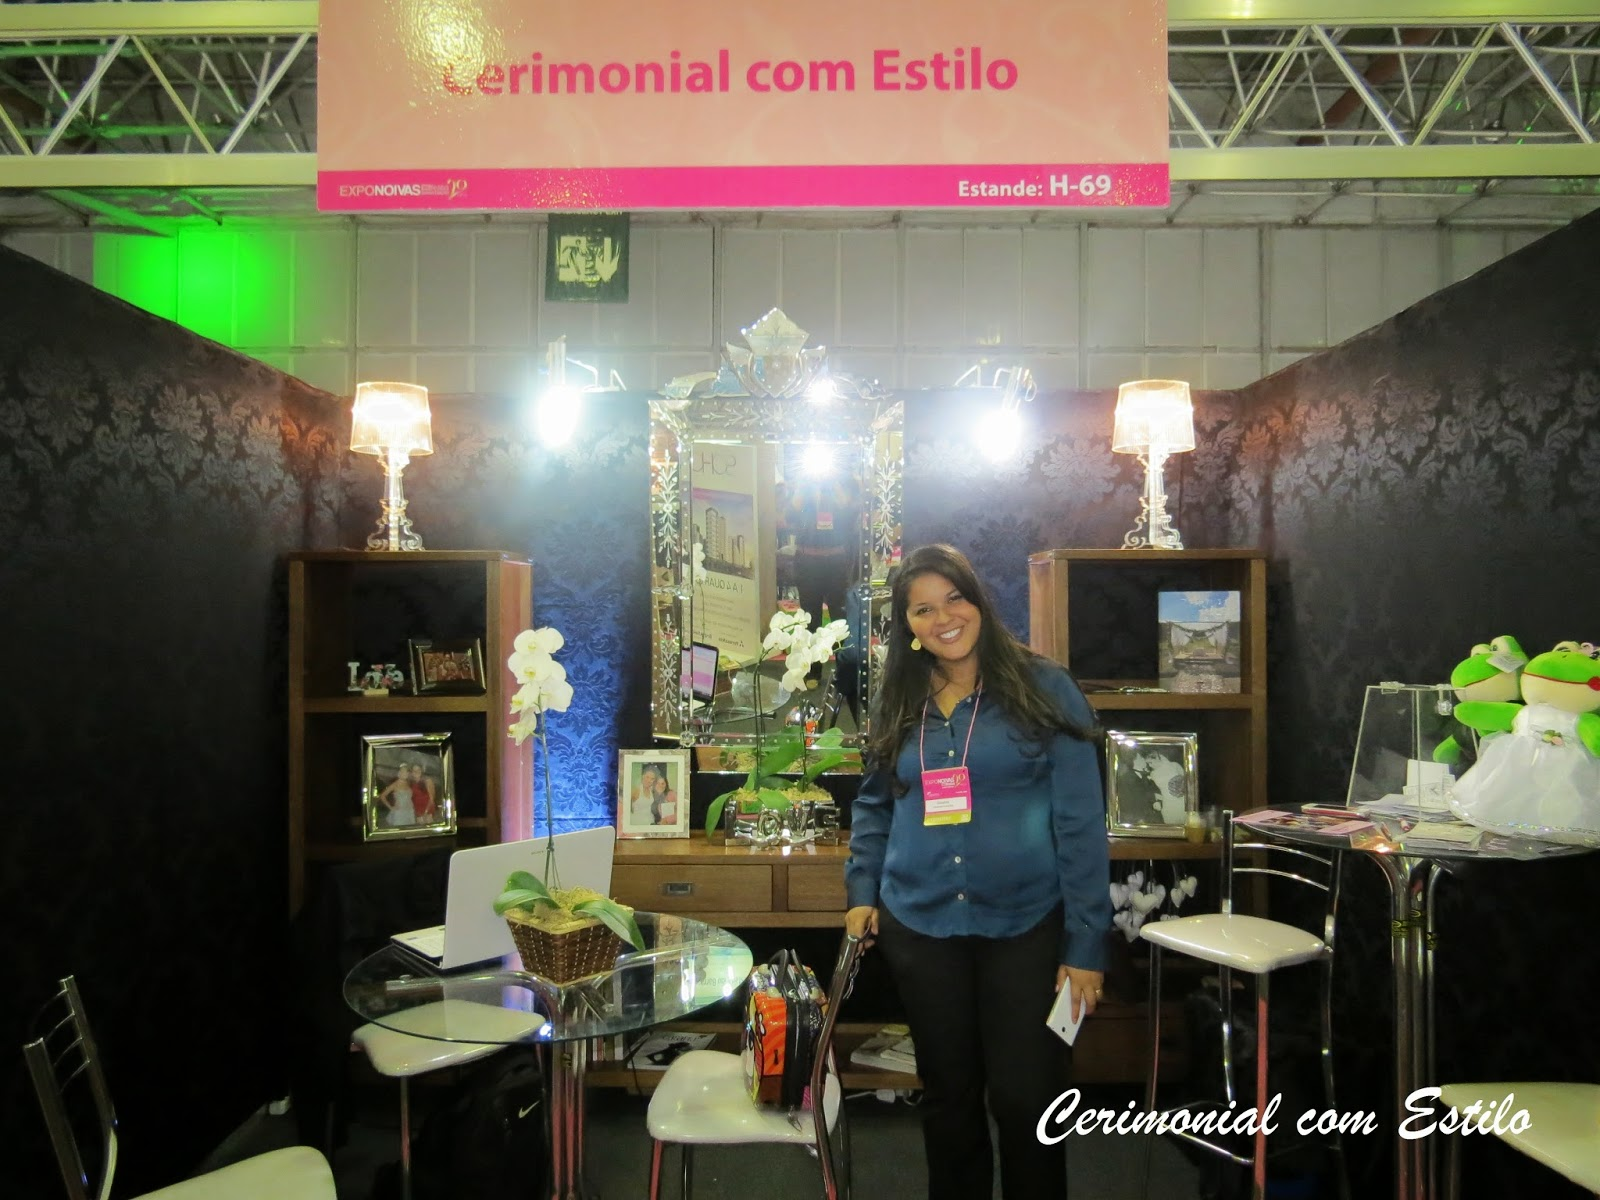 Expo Noivas Stands : Cerimonial com estilo expo noivas rj